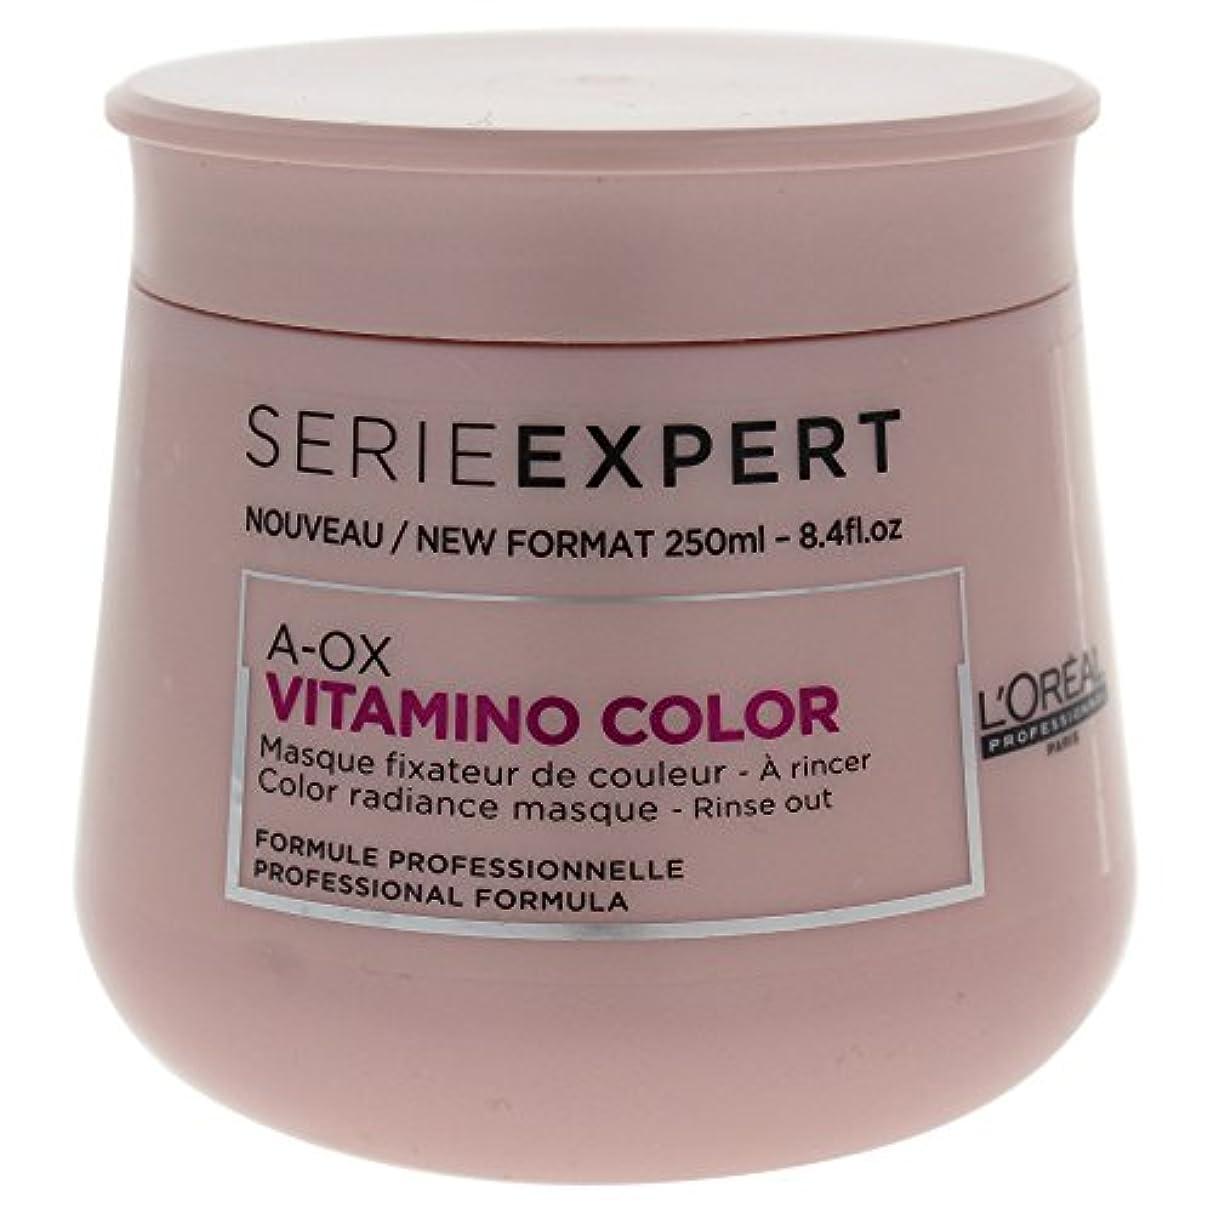 ヒューマニスティック適性ドメインL'Oreal Serie Expert A-OX VITAMINO COLOR Color Radiance Masque 250 ml [並行輸入品]